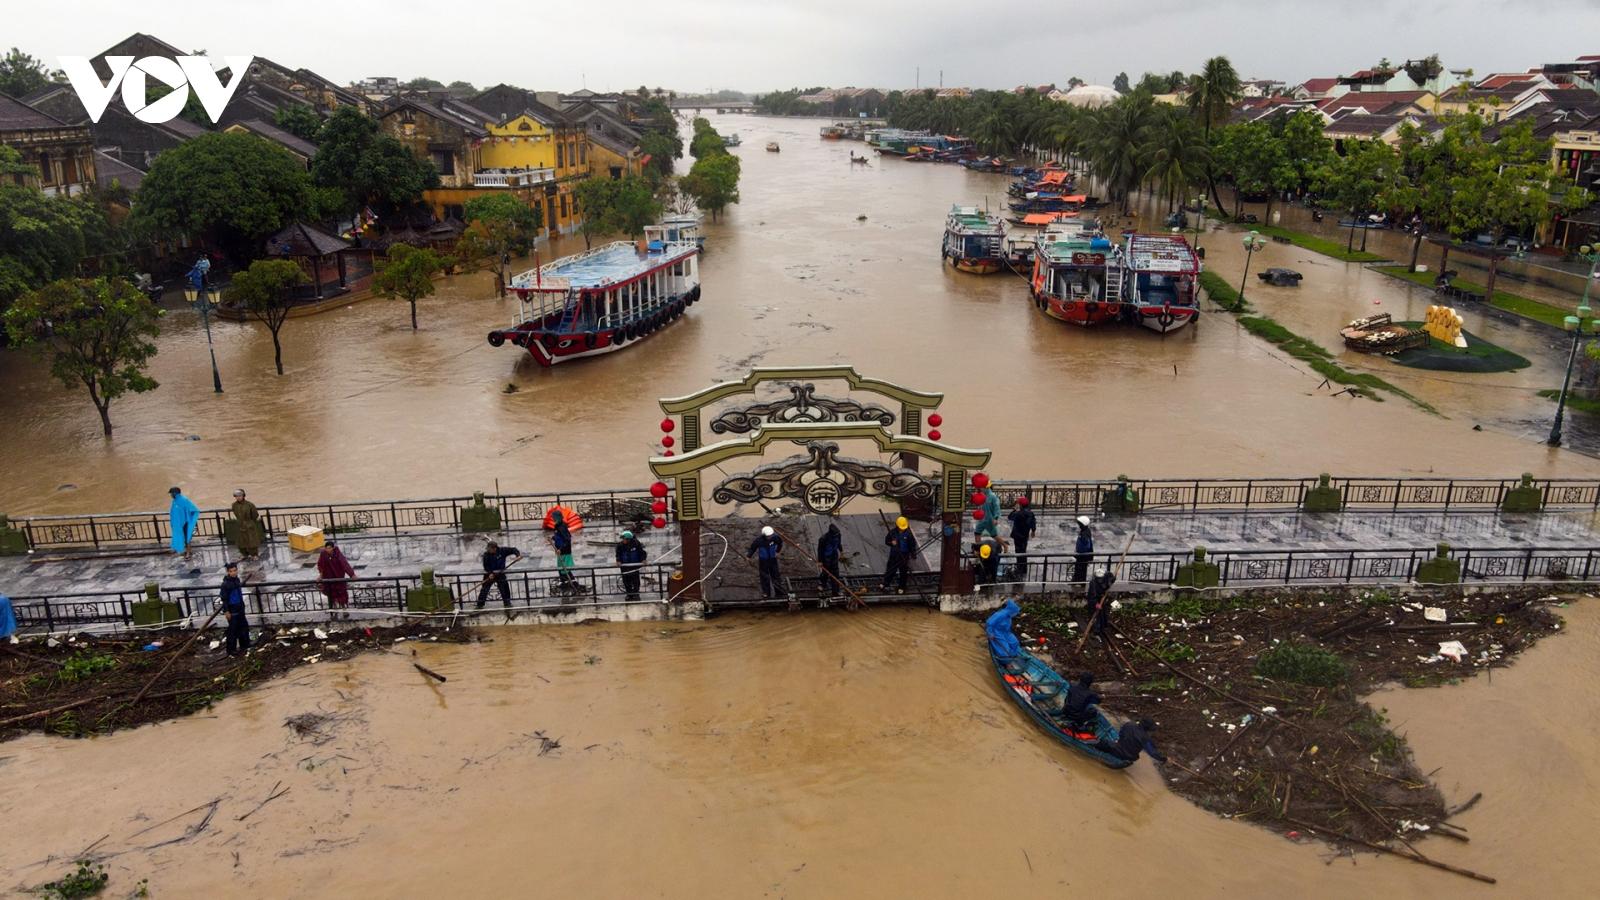 Ảnh: Nước sông Hoài dâng cao khi lũ tràn về, phố cổ Hội An bị ngập sâu